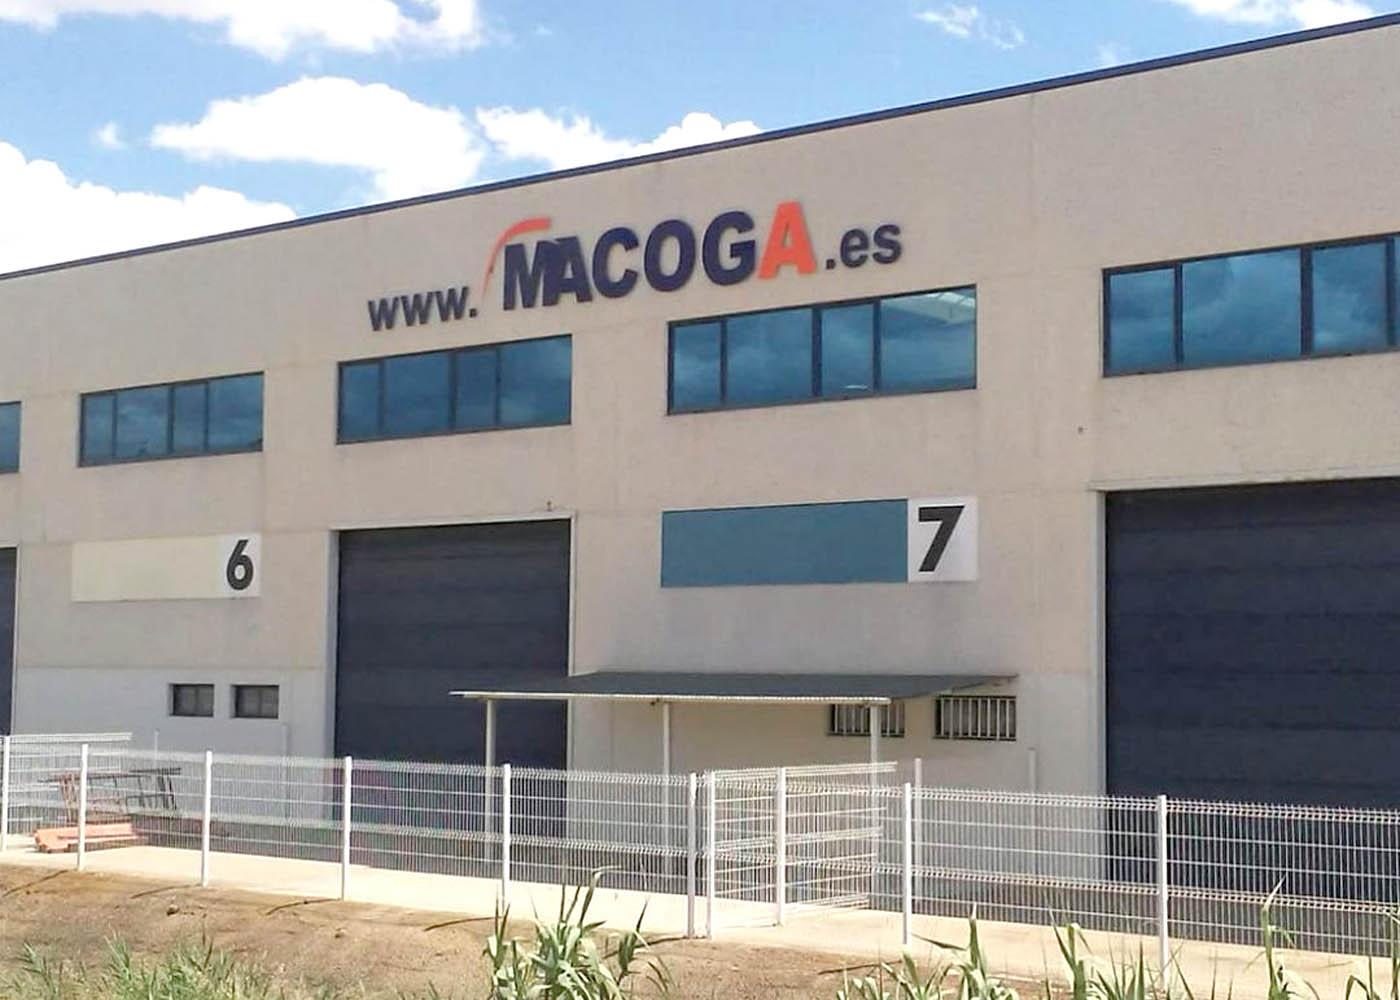 Foto: magoca.es - Macoga amplía sus instalaciones con un nuevo centro logístico para dar respuesta a la demanda del ganadero de porcino